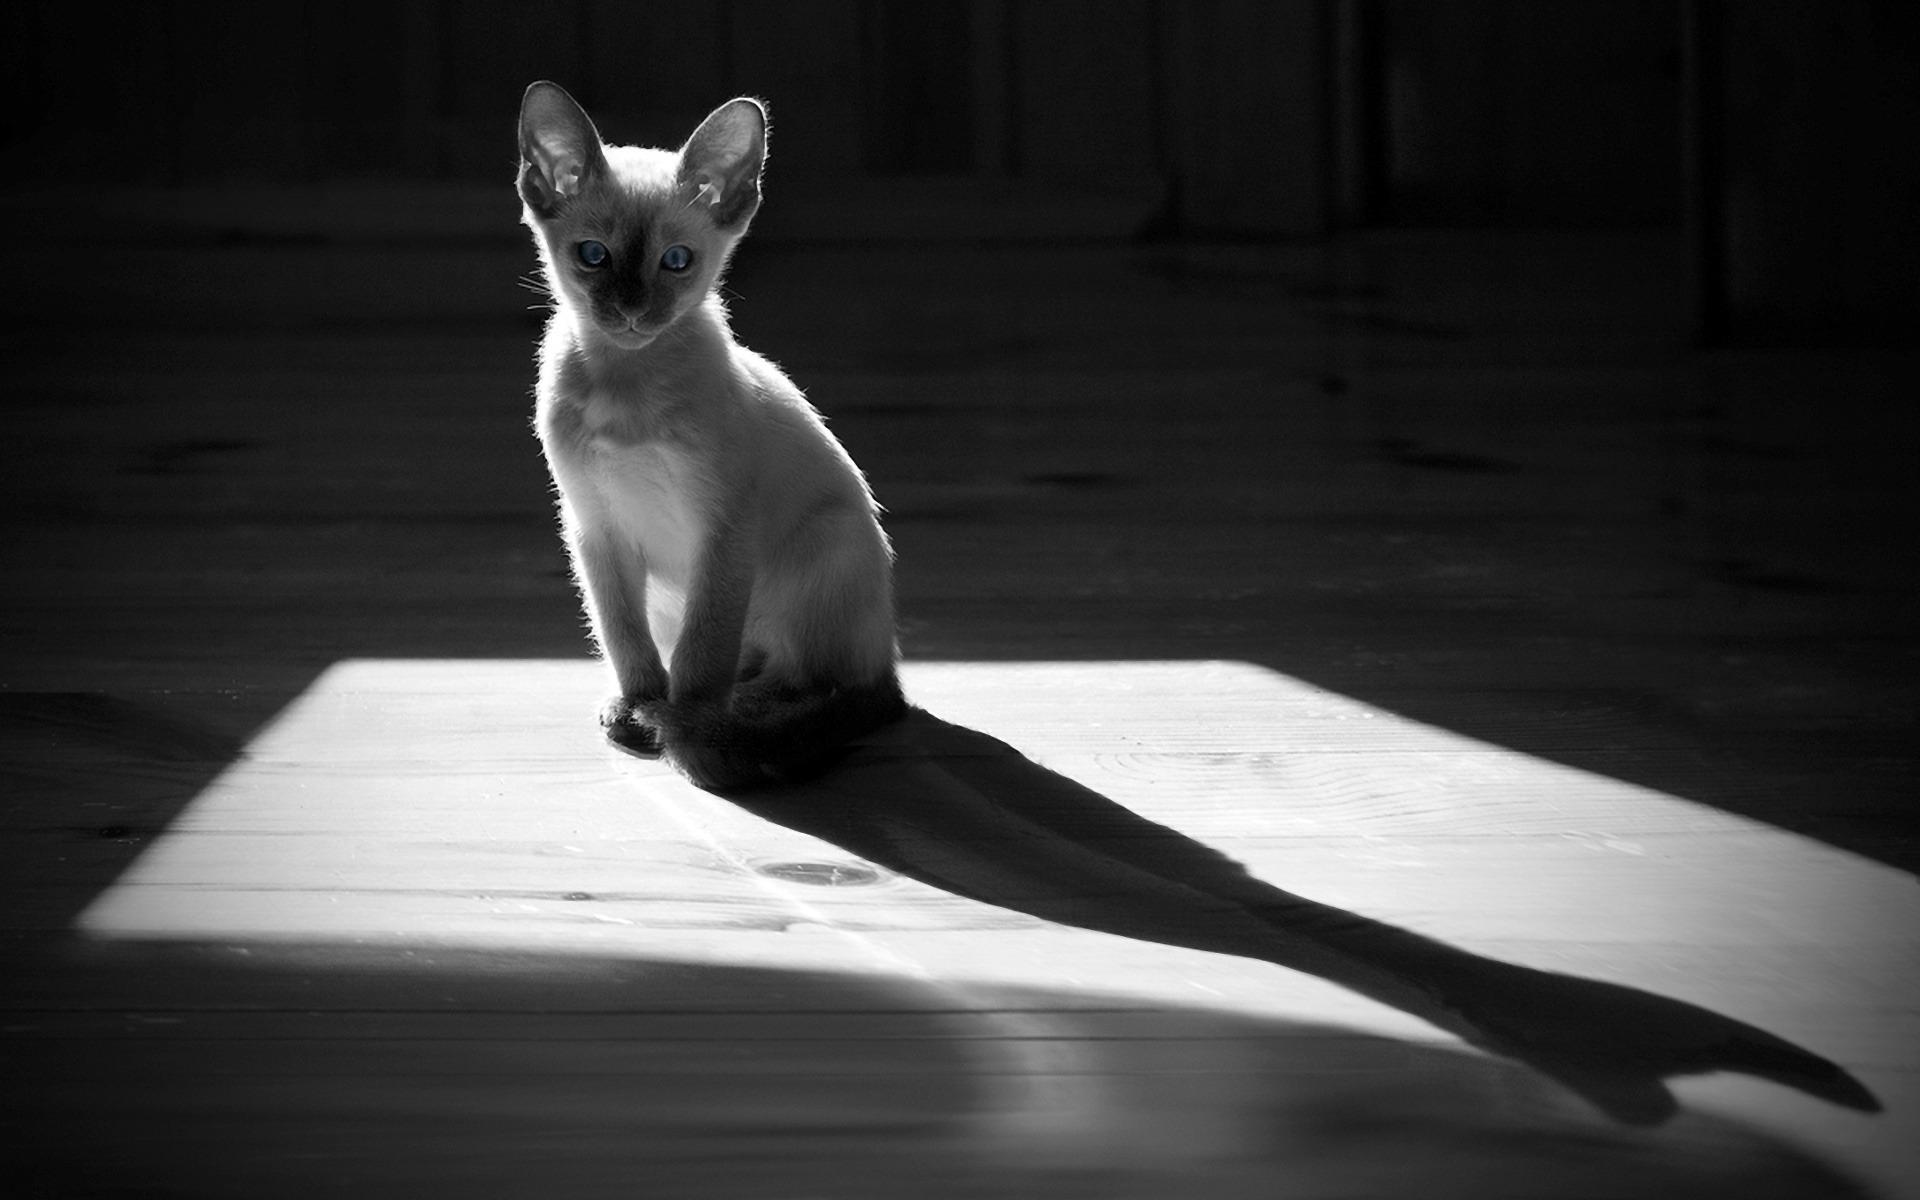 Картинка: Кошка, голубые глаза, тень, чёрно-белый